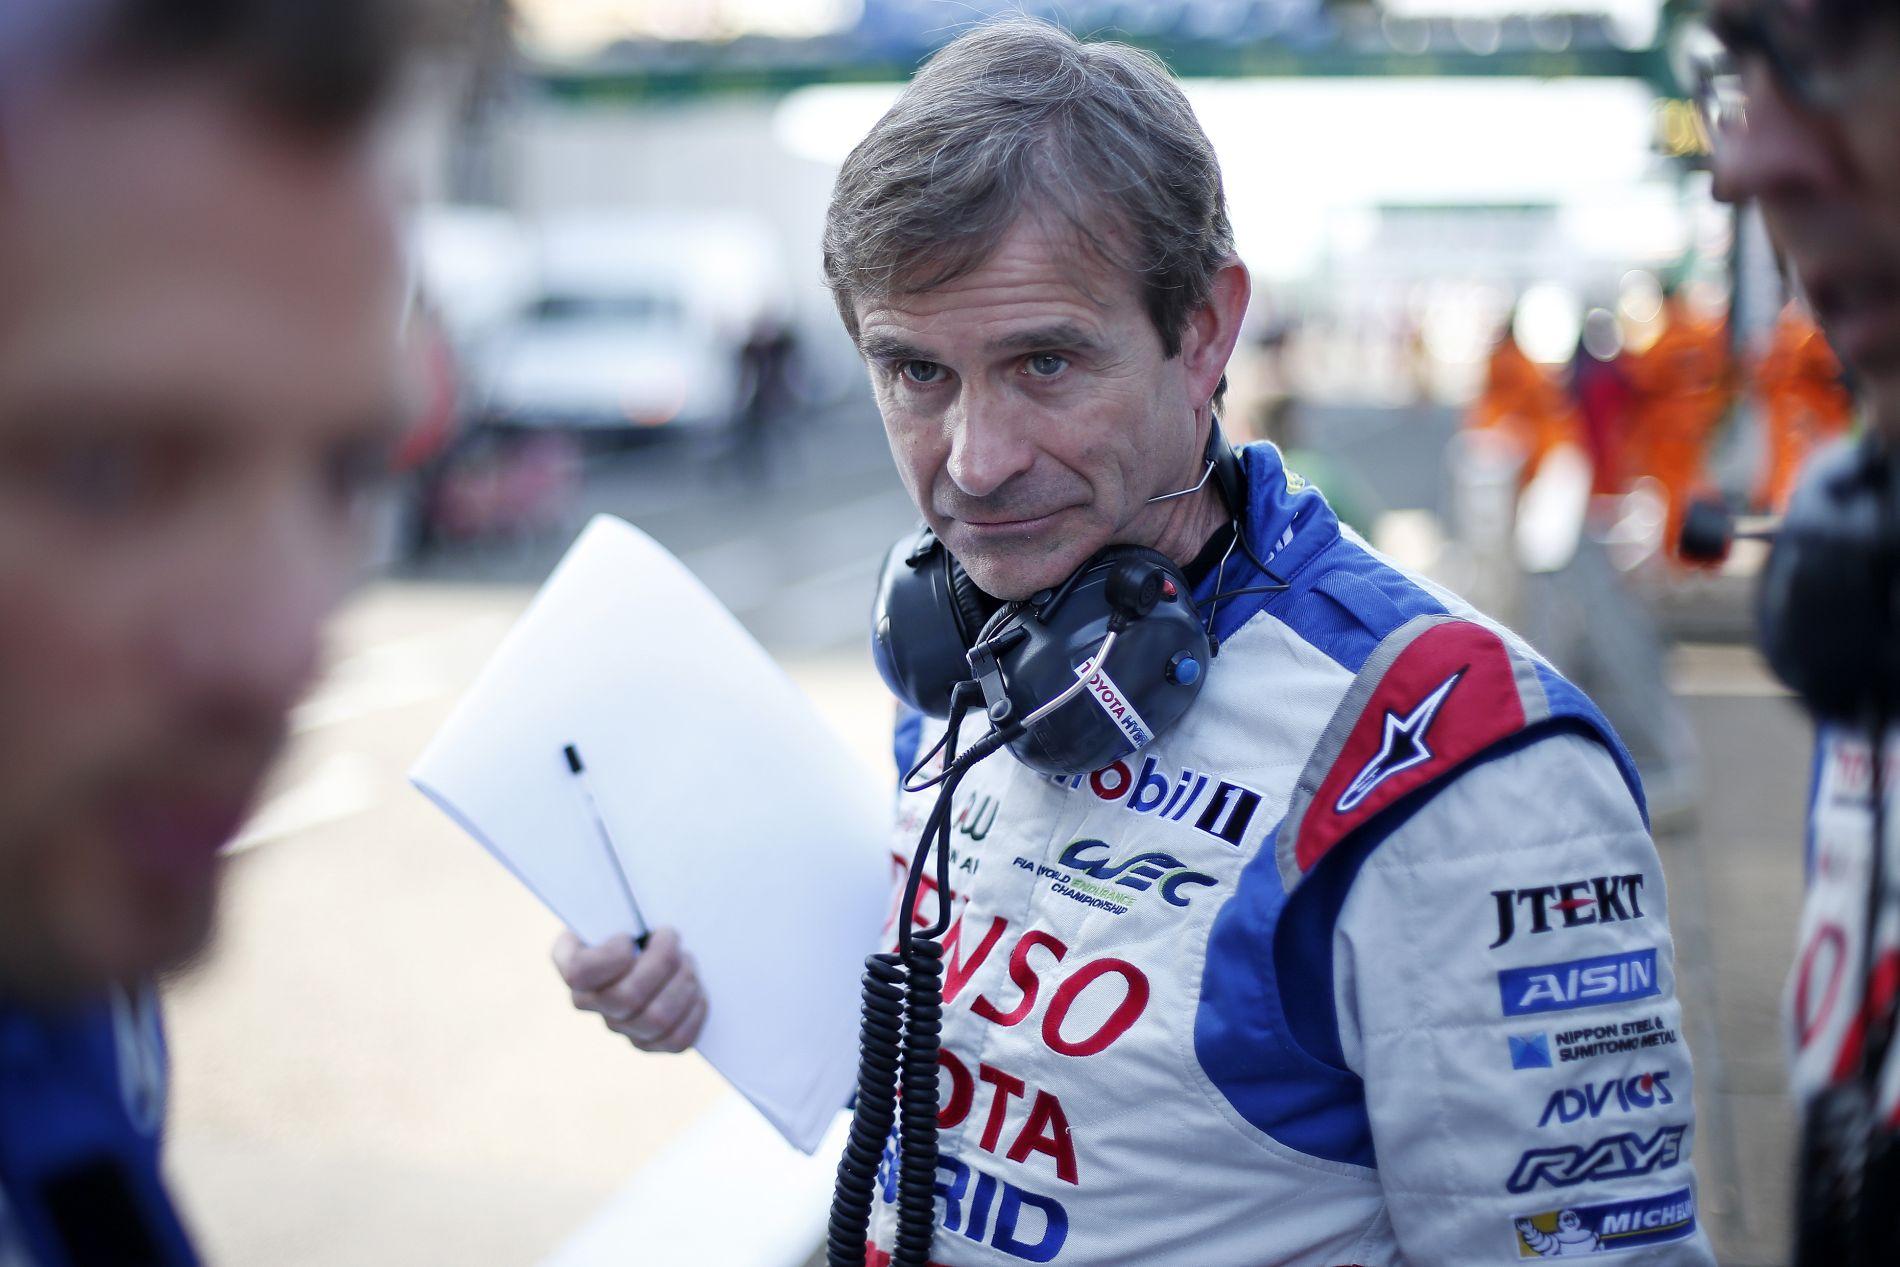 Két év múlva a versenyzők talán újra beleszeretnek az F1-be